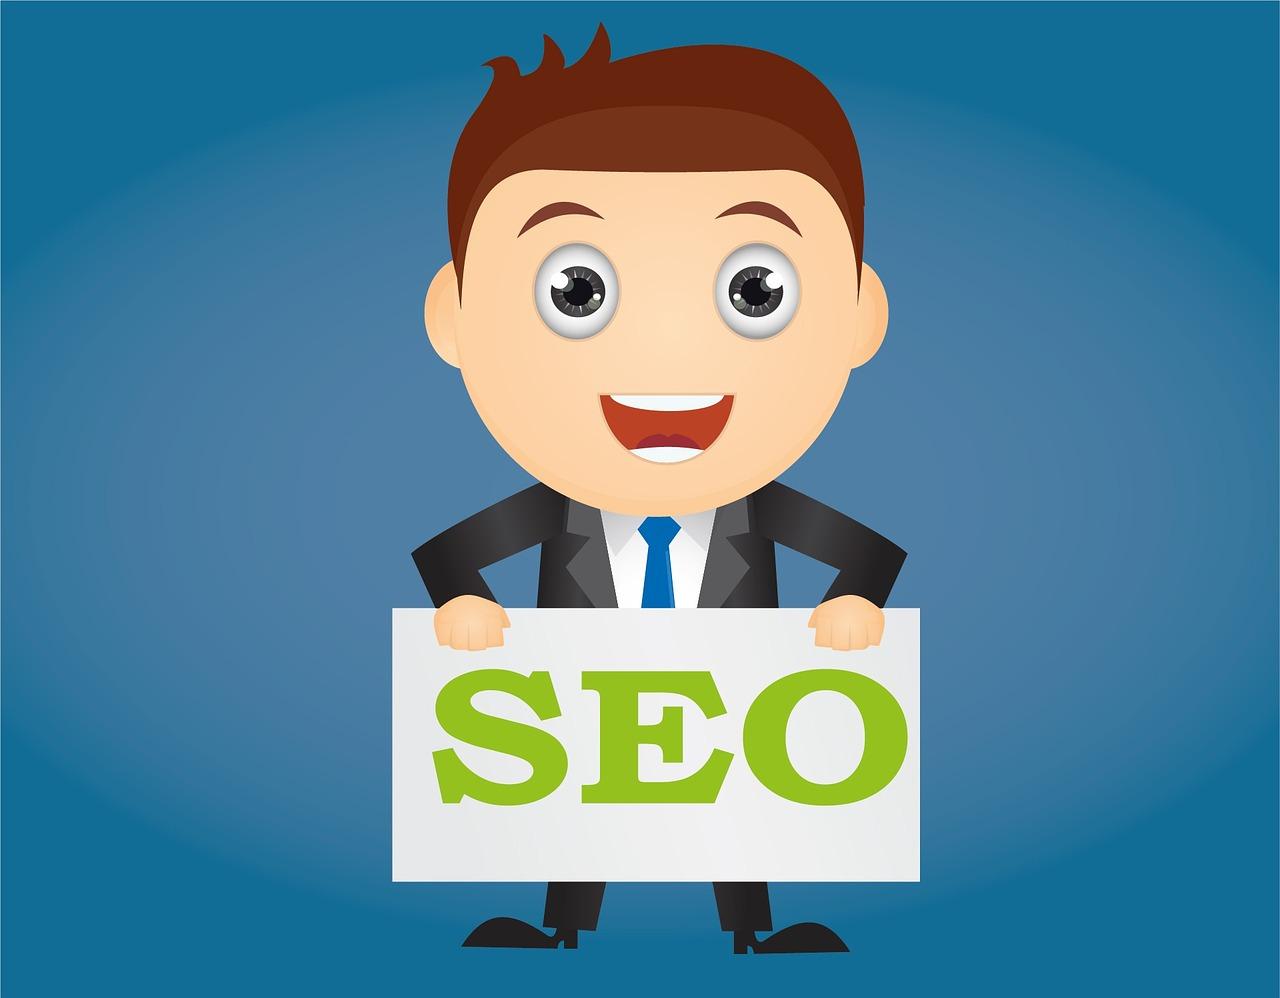 attività SEO, posizionamento naturale dei siti web su i motori di ricerca